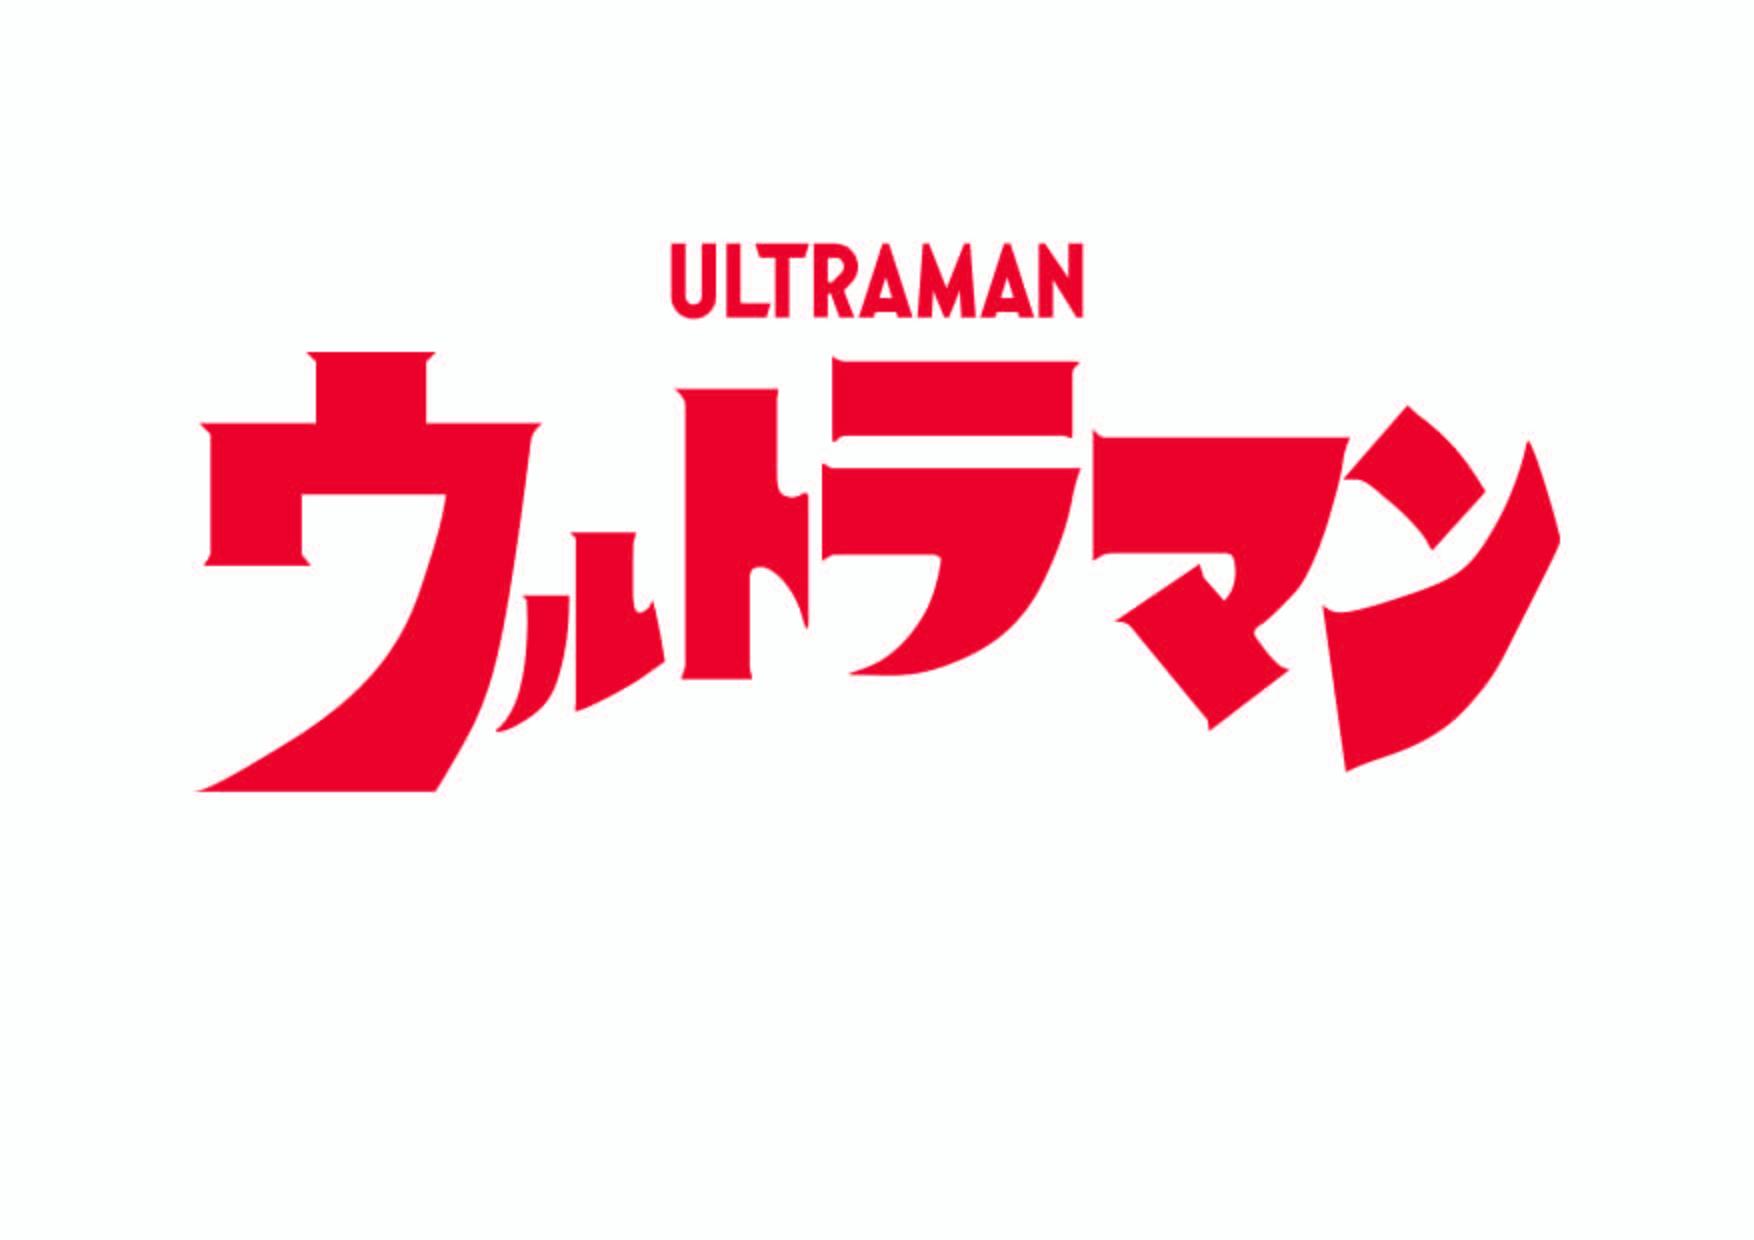 ULTRAMAN SERIES  (Ultraman shopping Street)(Setagaya-ku, Tokyo)